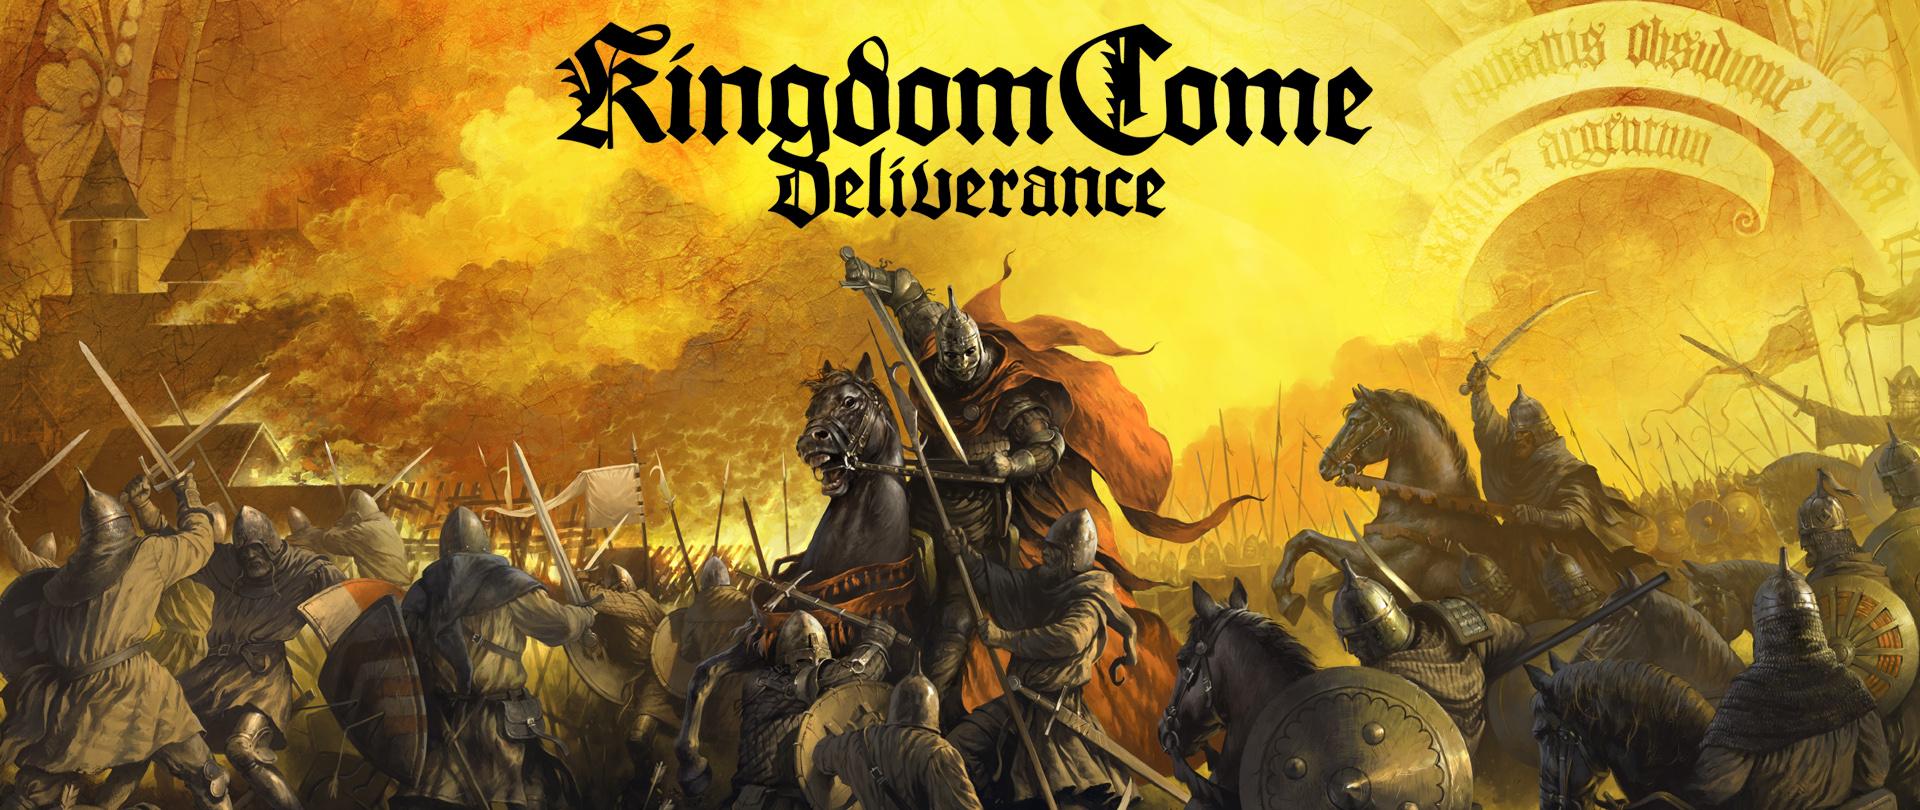 Kingdom Come: Deliverance für PS4 als Angebot der Woche im PS Store